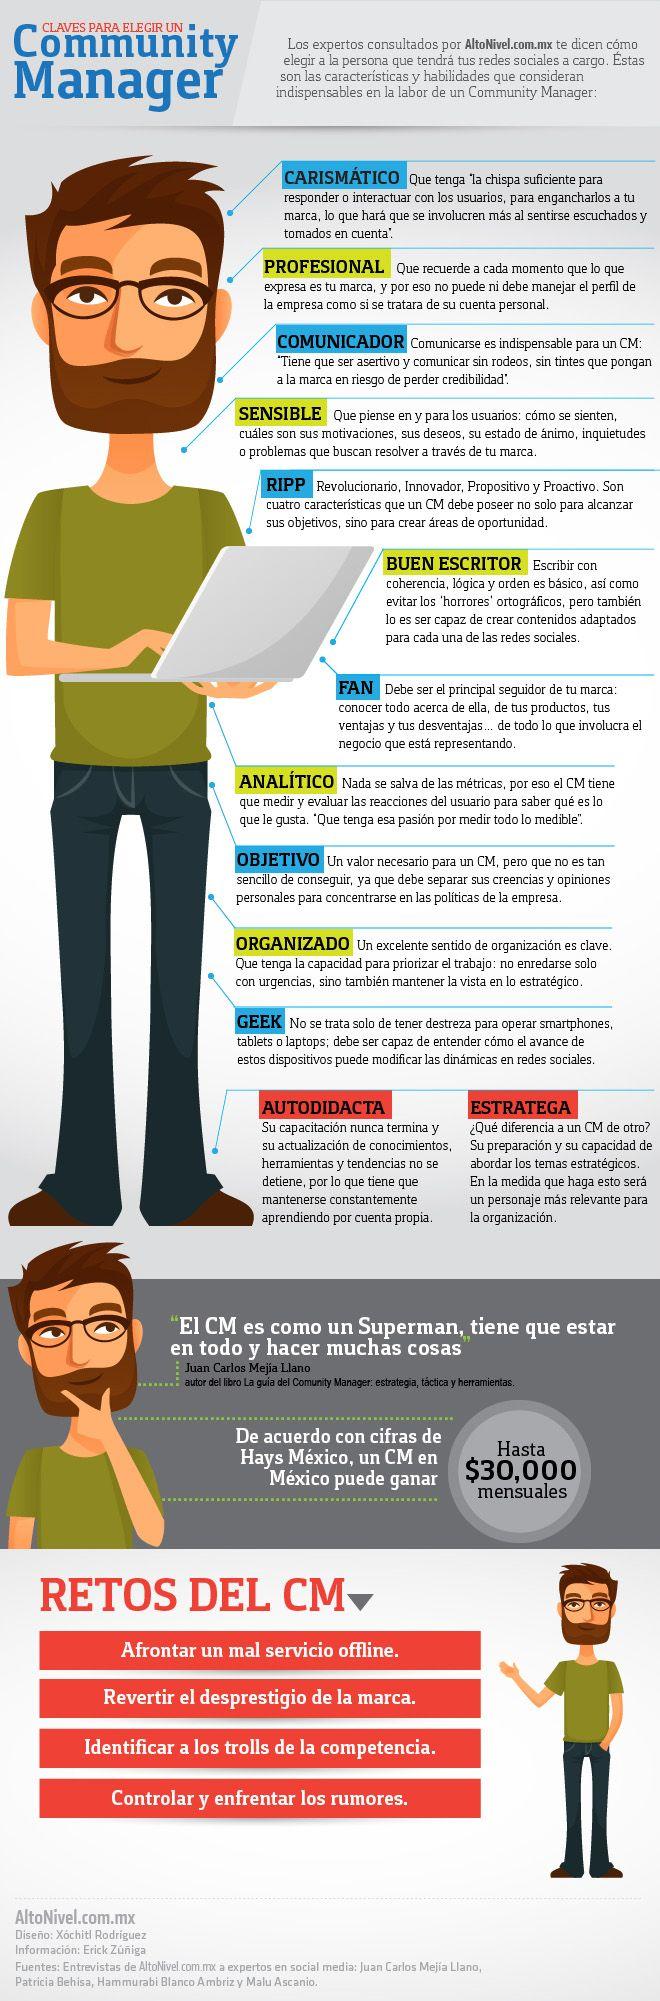 Claves para elegir un Community Manager #infografia #infographic #socialmedia